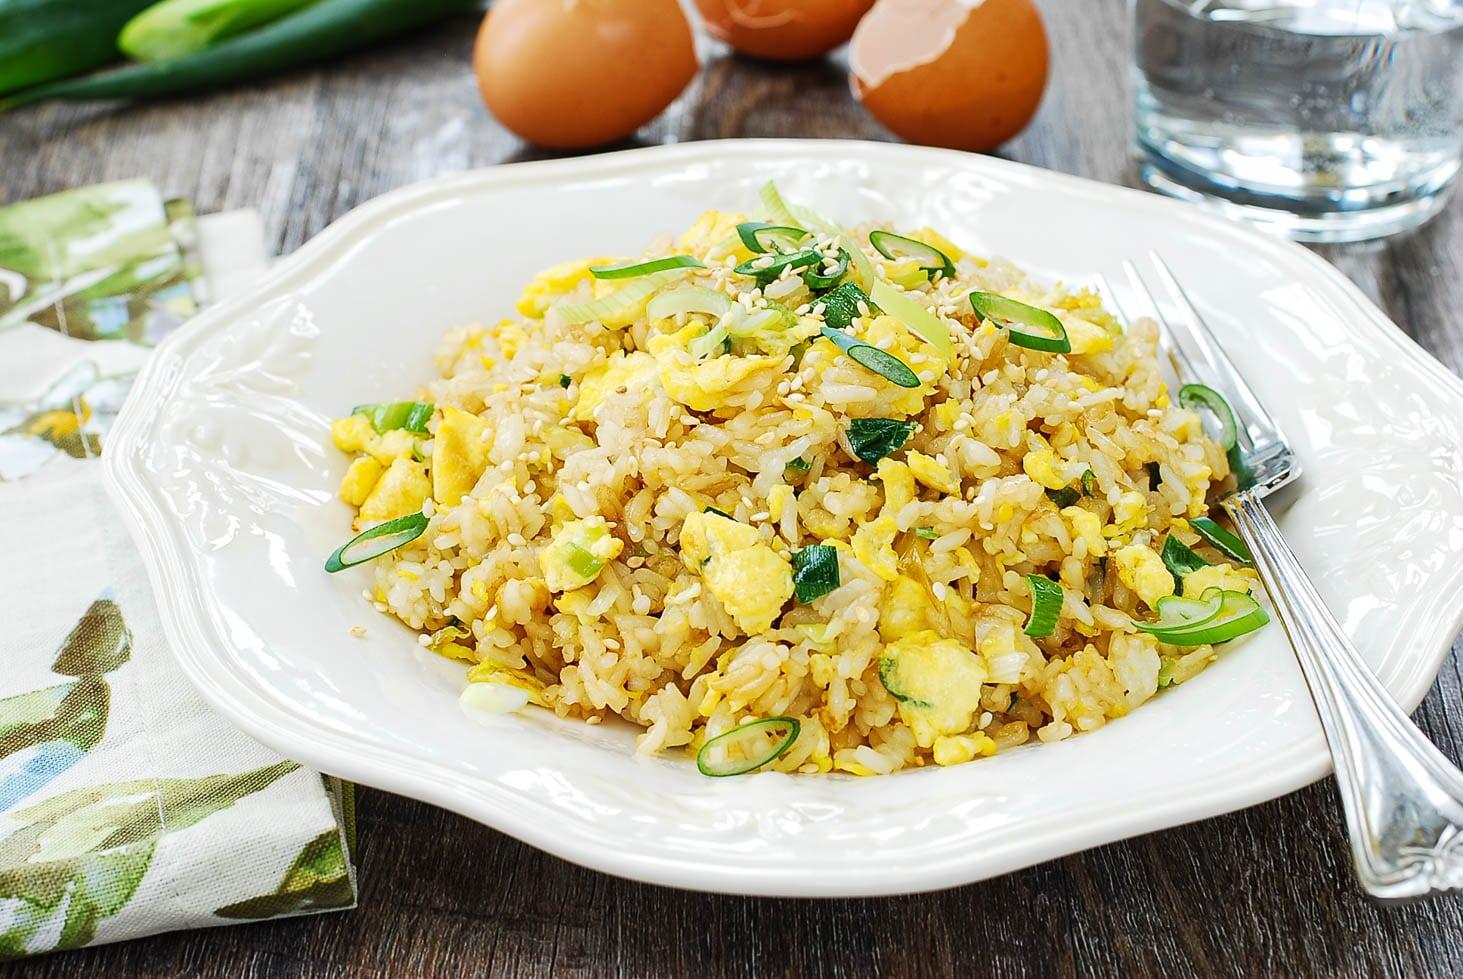 DSC 1939 2 - Egg Fried Rice (Gyeran Bokkeumbap)